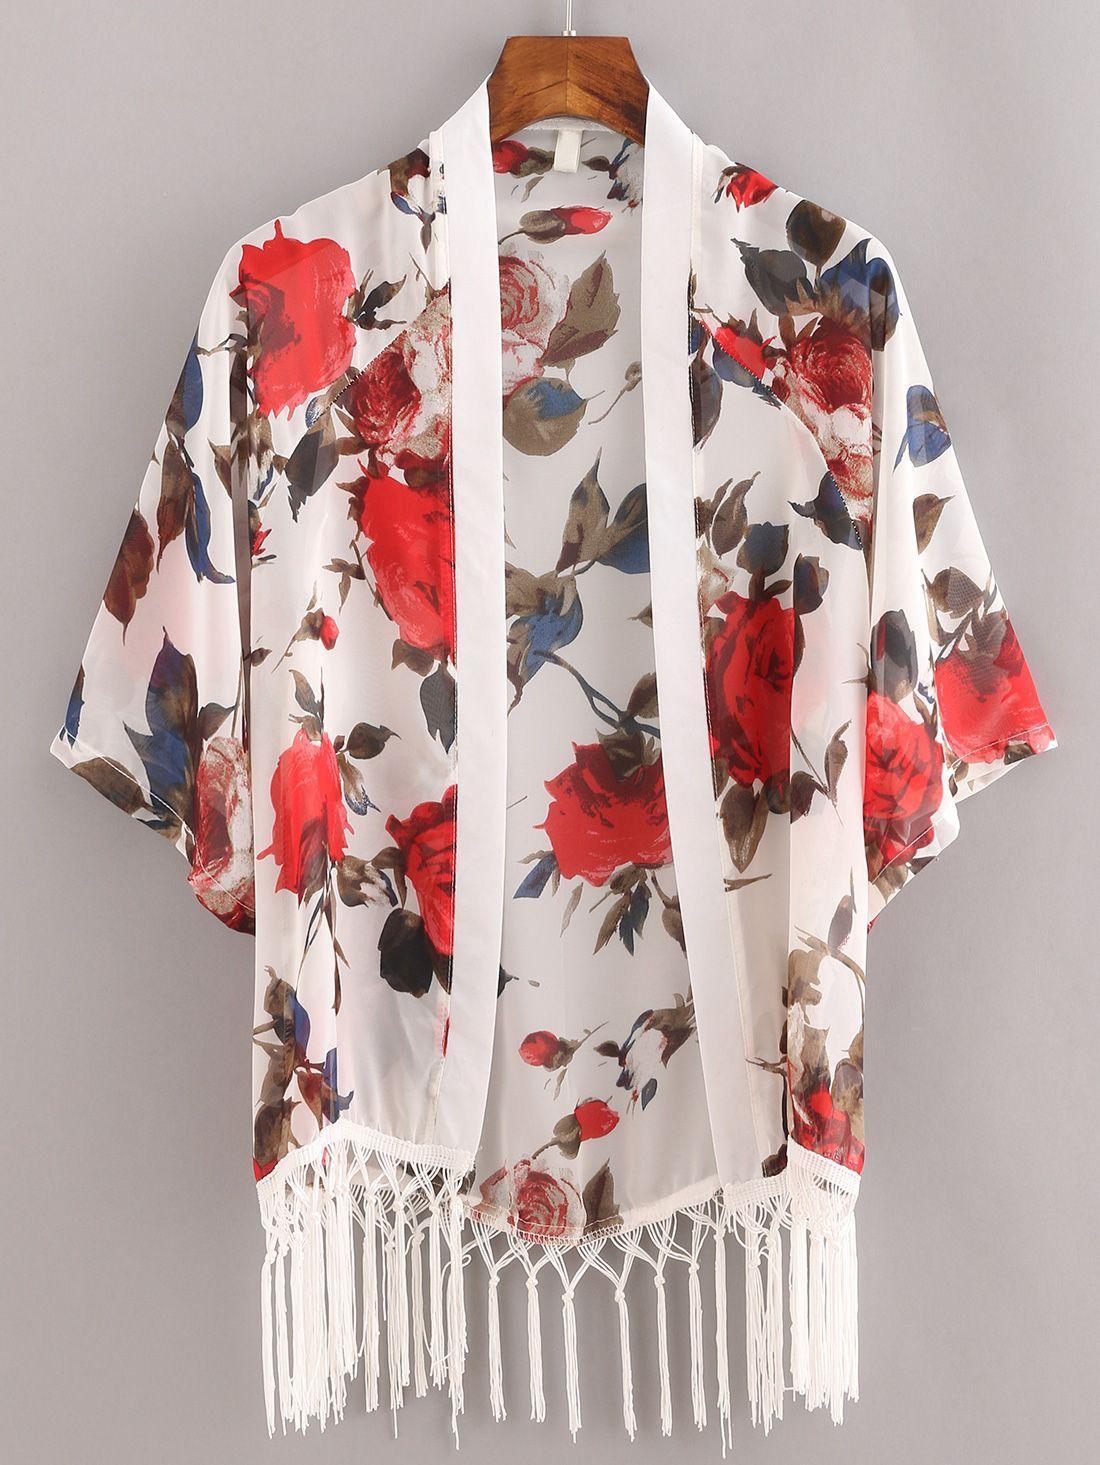 779d9bd12f445 Shop Macrame Fringe Flower Print Chiffon Kimono - White online. SheIn  offers Macrame Fringe Flower Print Chiffon Kimono - White   more to fit  your ...